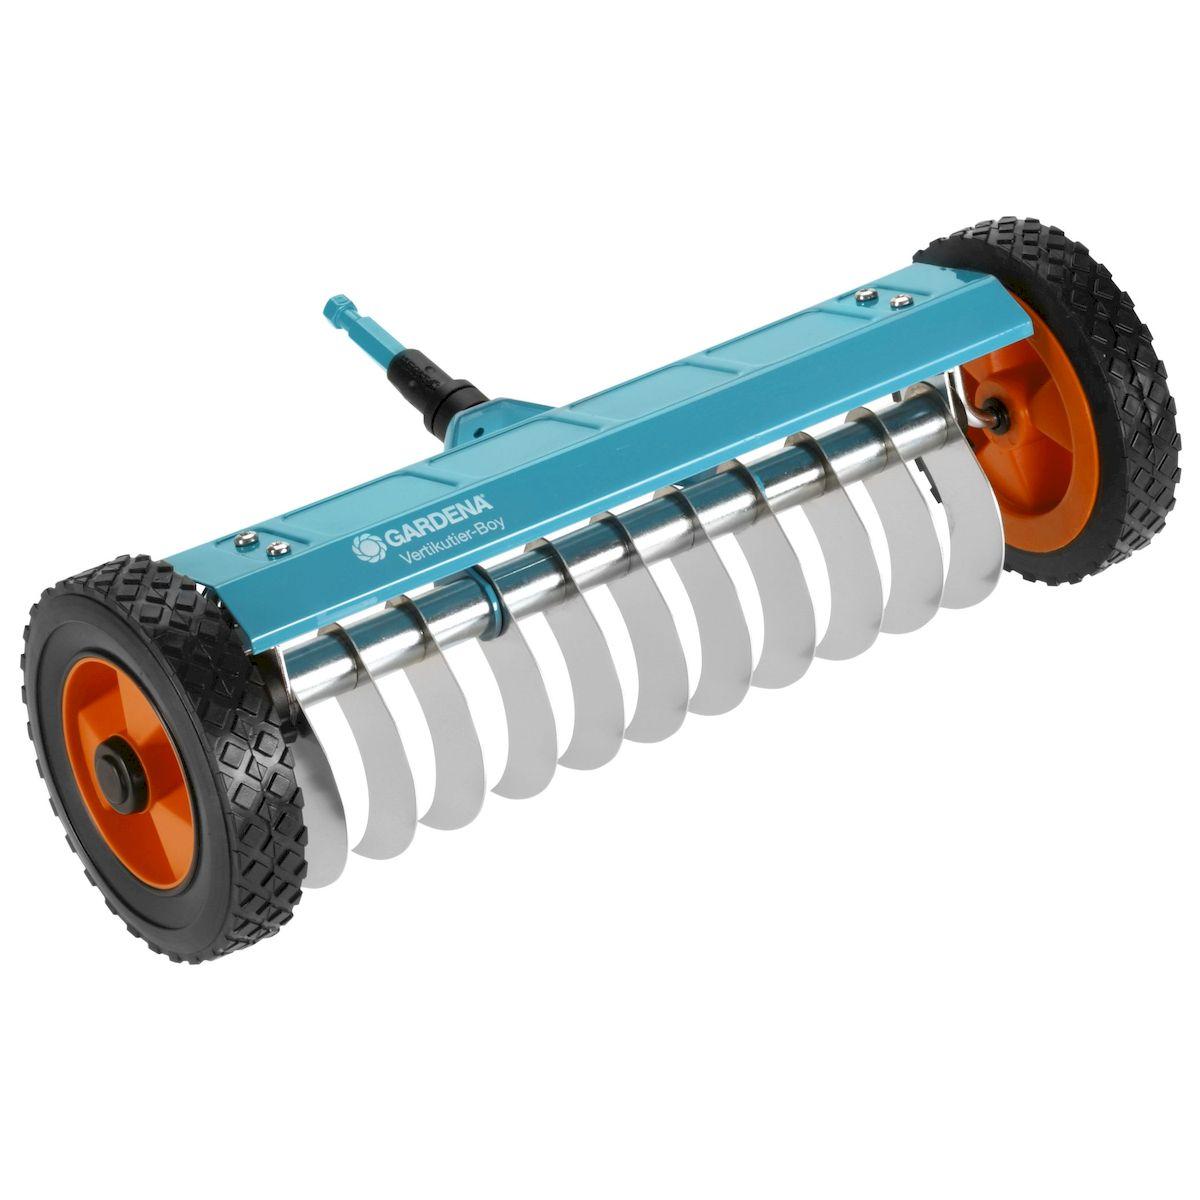 Прореживатель на колесах Gardena03395-20.000.00Прореживатель на колесах Gardena позволяет удалять мох, сорняки и отмершую траву с участка, улучшая тем самым восприимчивость почвы к воздуху, воде и питательным веществам. Специальные зубья с гладким торцом из высококачественной нержавеющей пружинной стали легко проникают в почву на незначительную глубину и удаляют нежелательную отмершую траву и солому. Удобство работы прореживателем повышается за счет надежных колес, снабженных специальными протекторами, а также вспомогательной опоры. Прореживатель на колесах можно использовать с любой ручкой, однако рекомендуется использовать ручку длиной 180 см, в зависимости от роста пользователя.Рабочая ширина - 32 см.